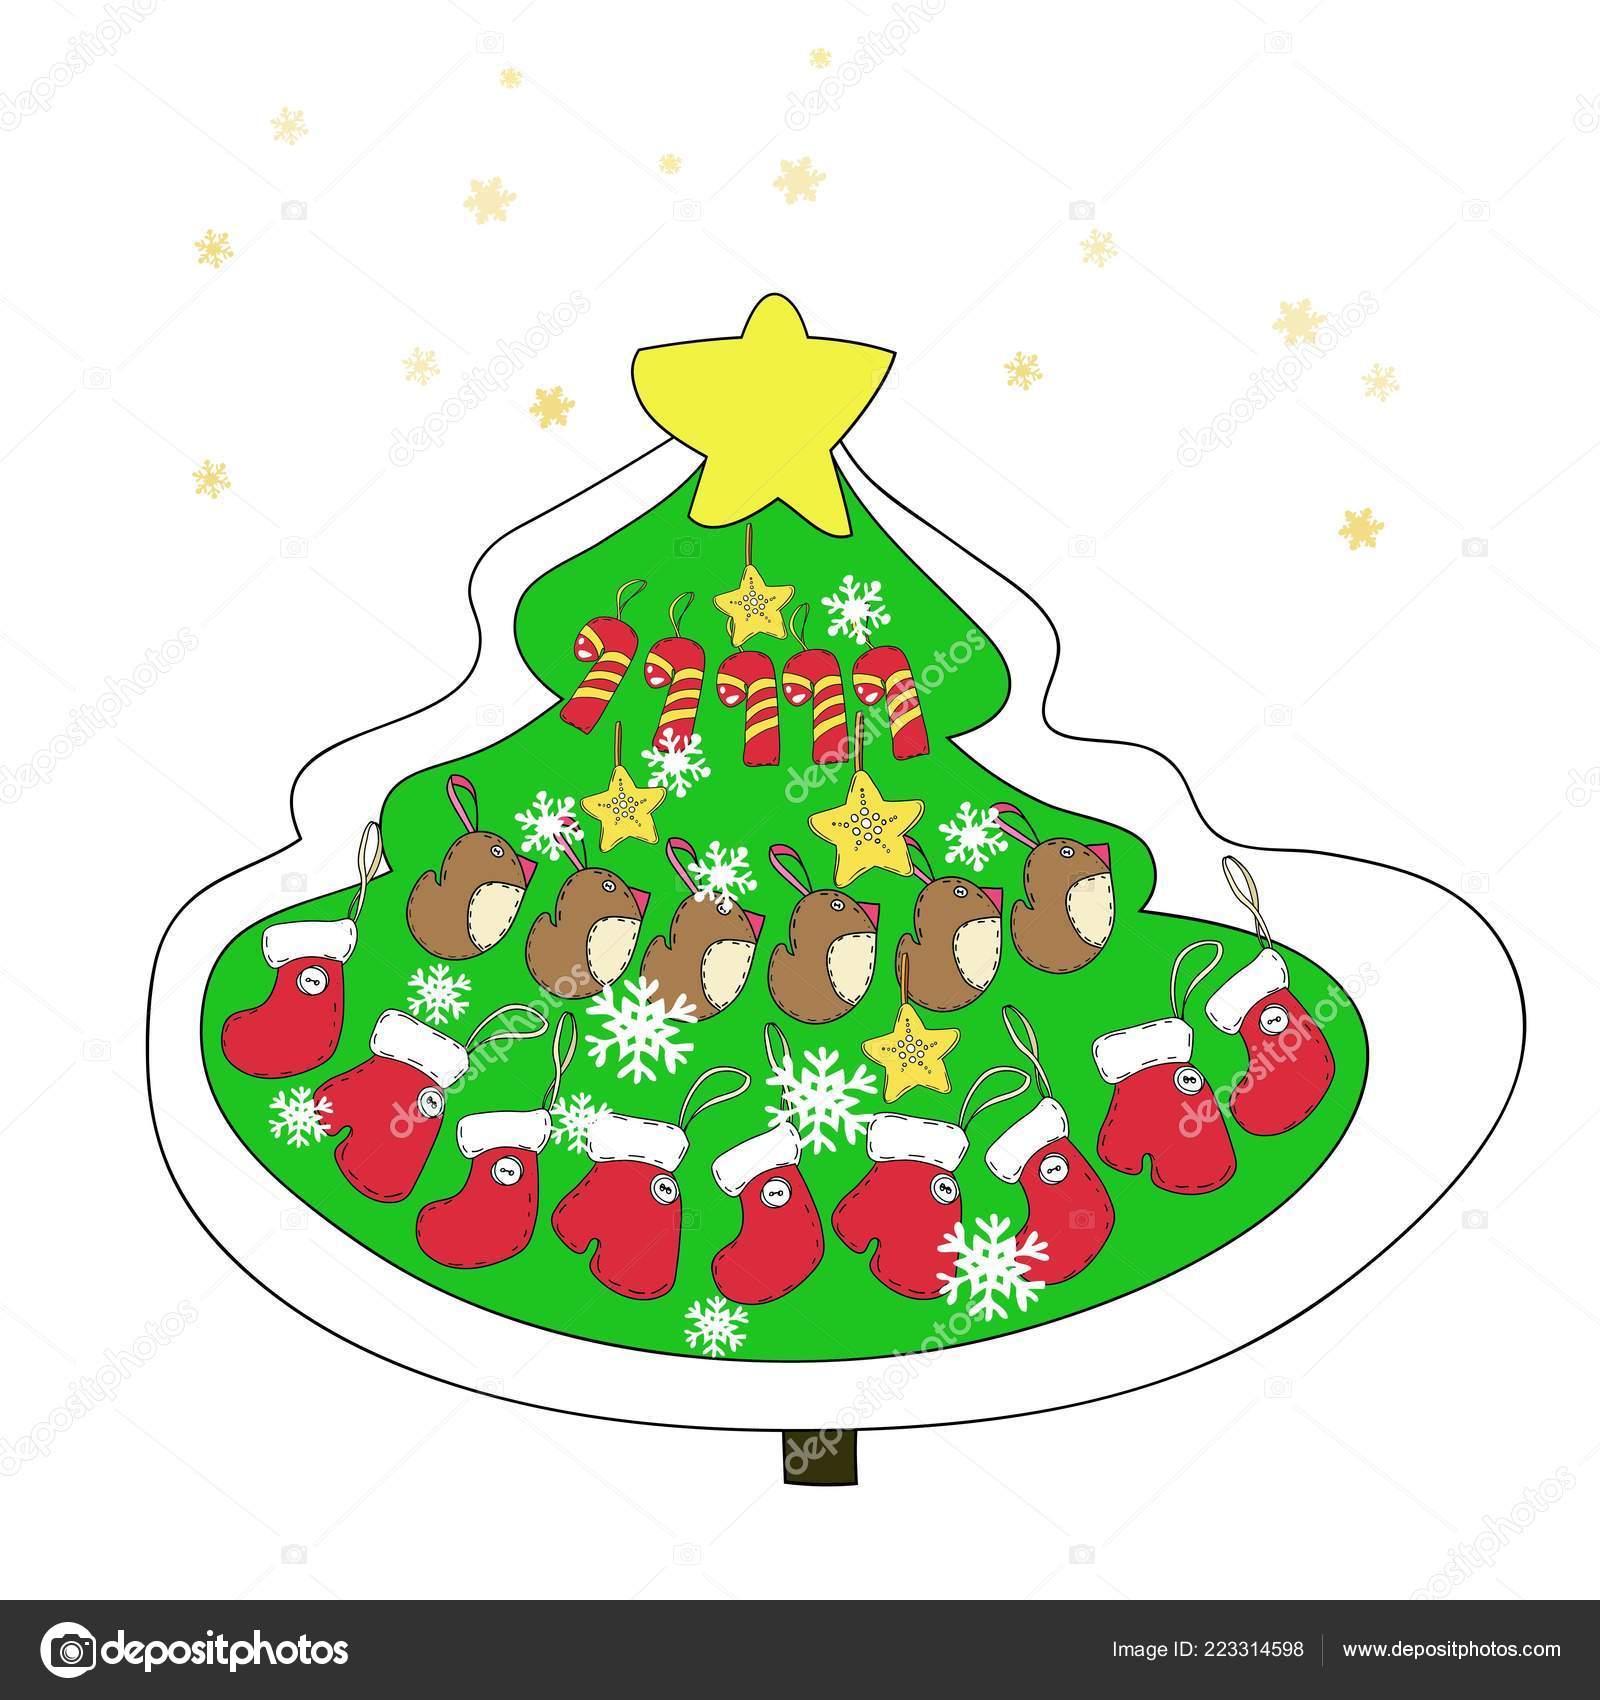 Disegni Di Natale Vettoriali.Disegni Decorazioni Natalizie Serie Disegni Natale